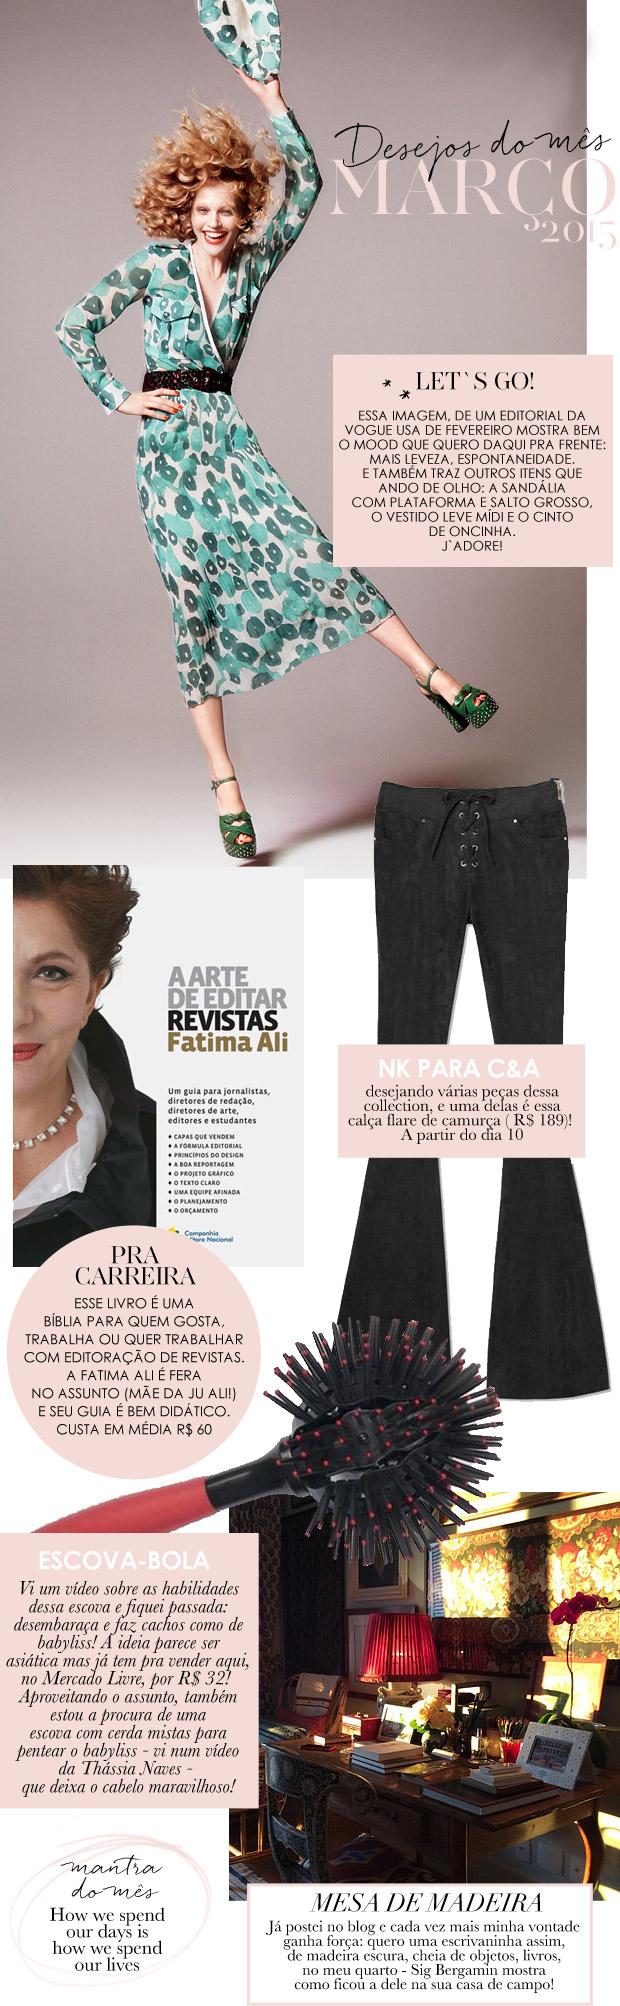 living-gazette-barbara-resende-lifestyle-desejos-mes-marco-2015-nk-para-cea-escova-bola-livro-arte-editar-revistas